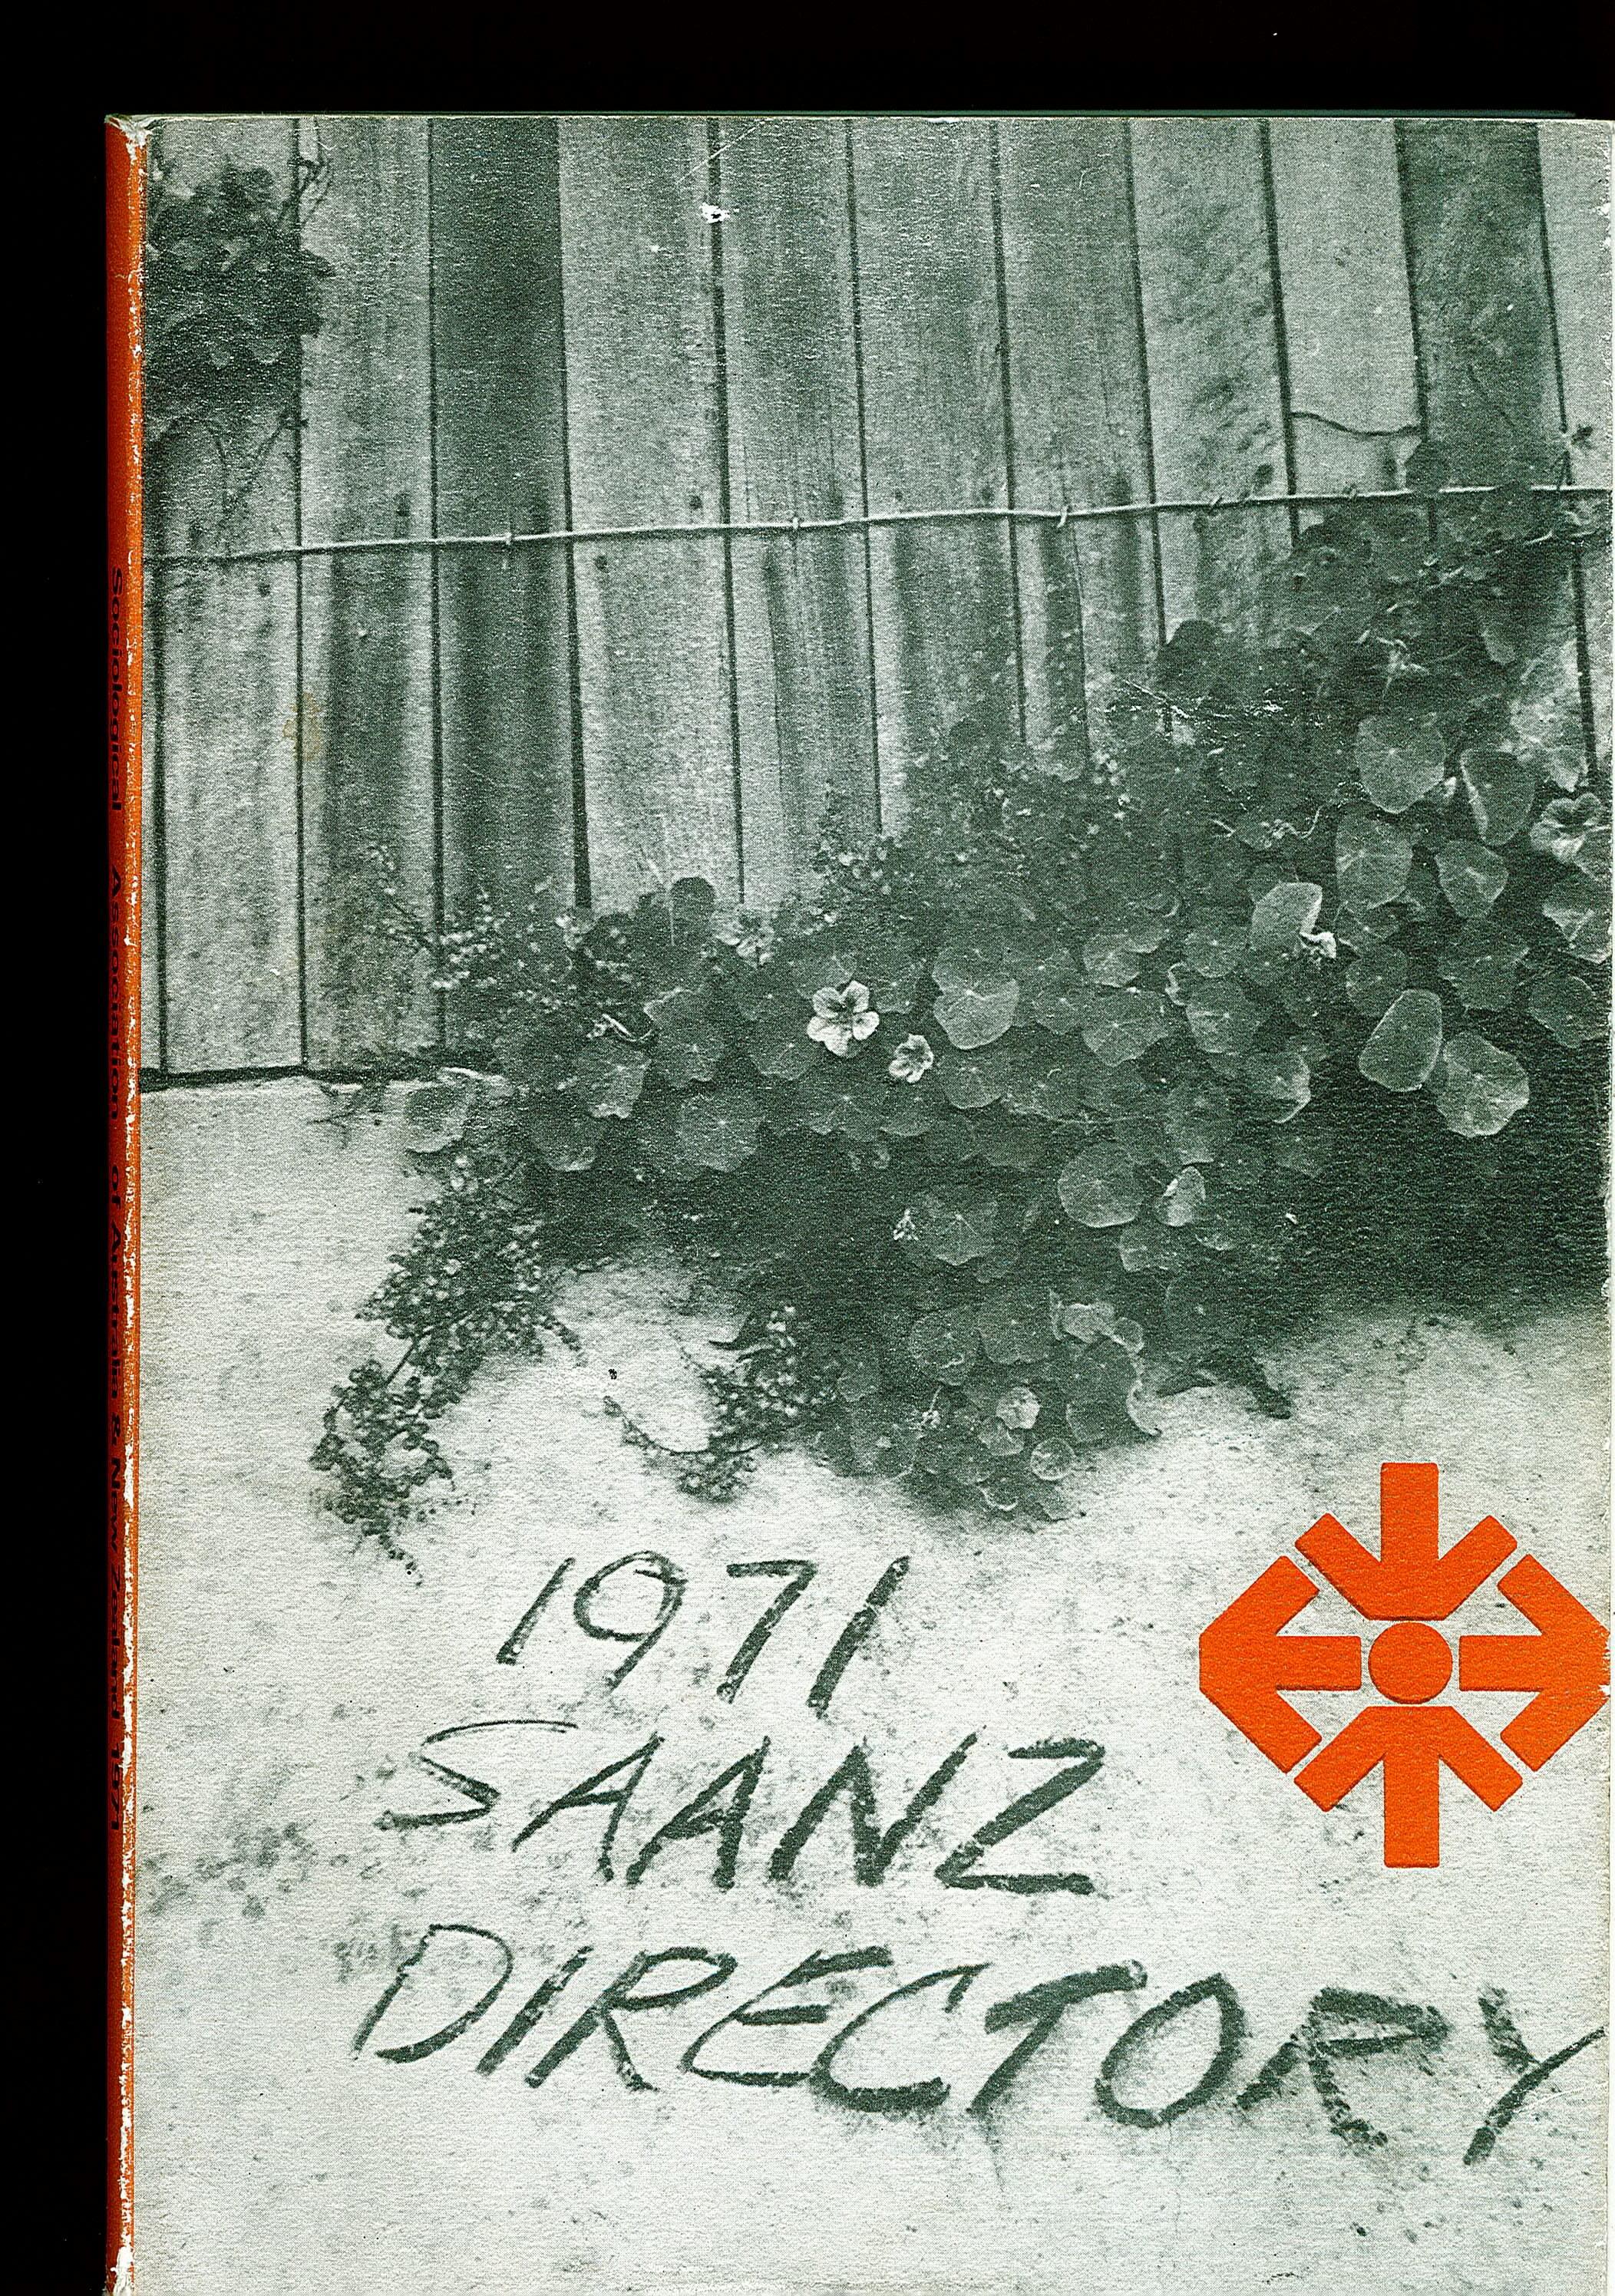 1971 membership cover